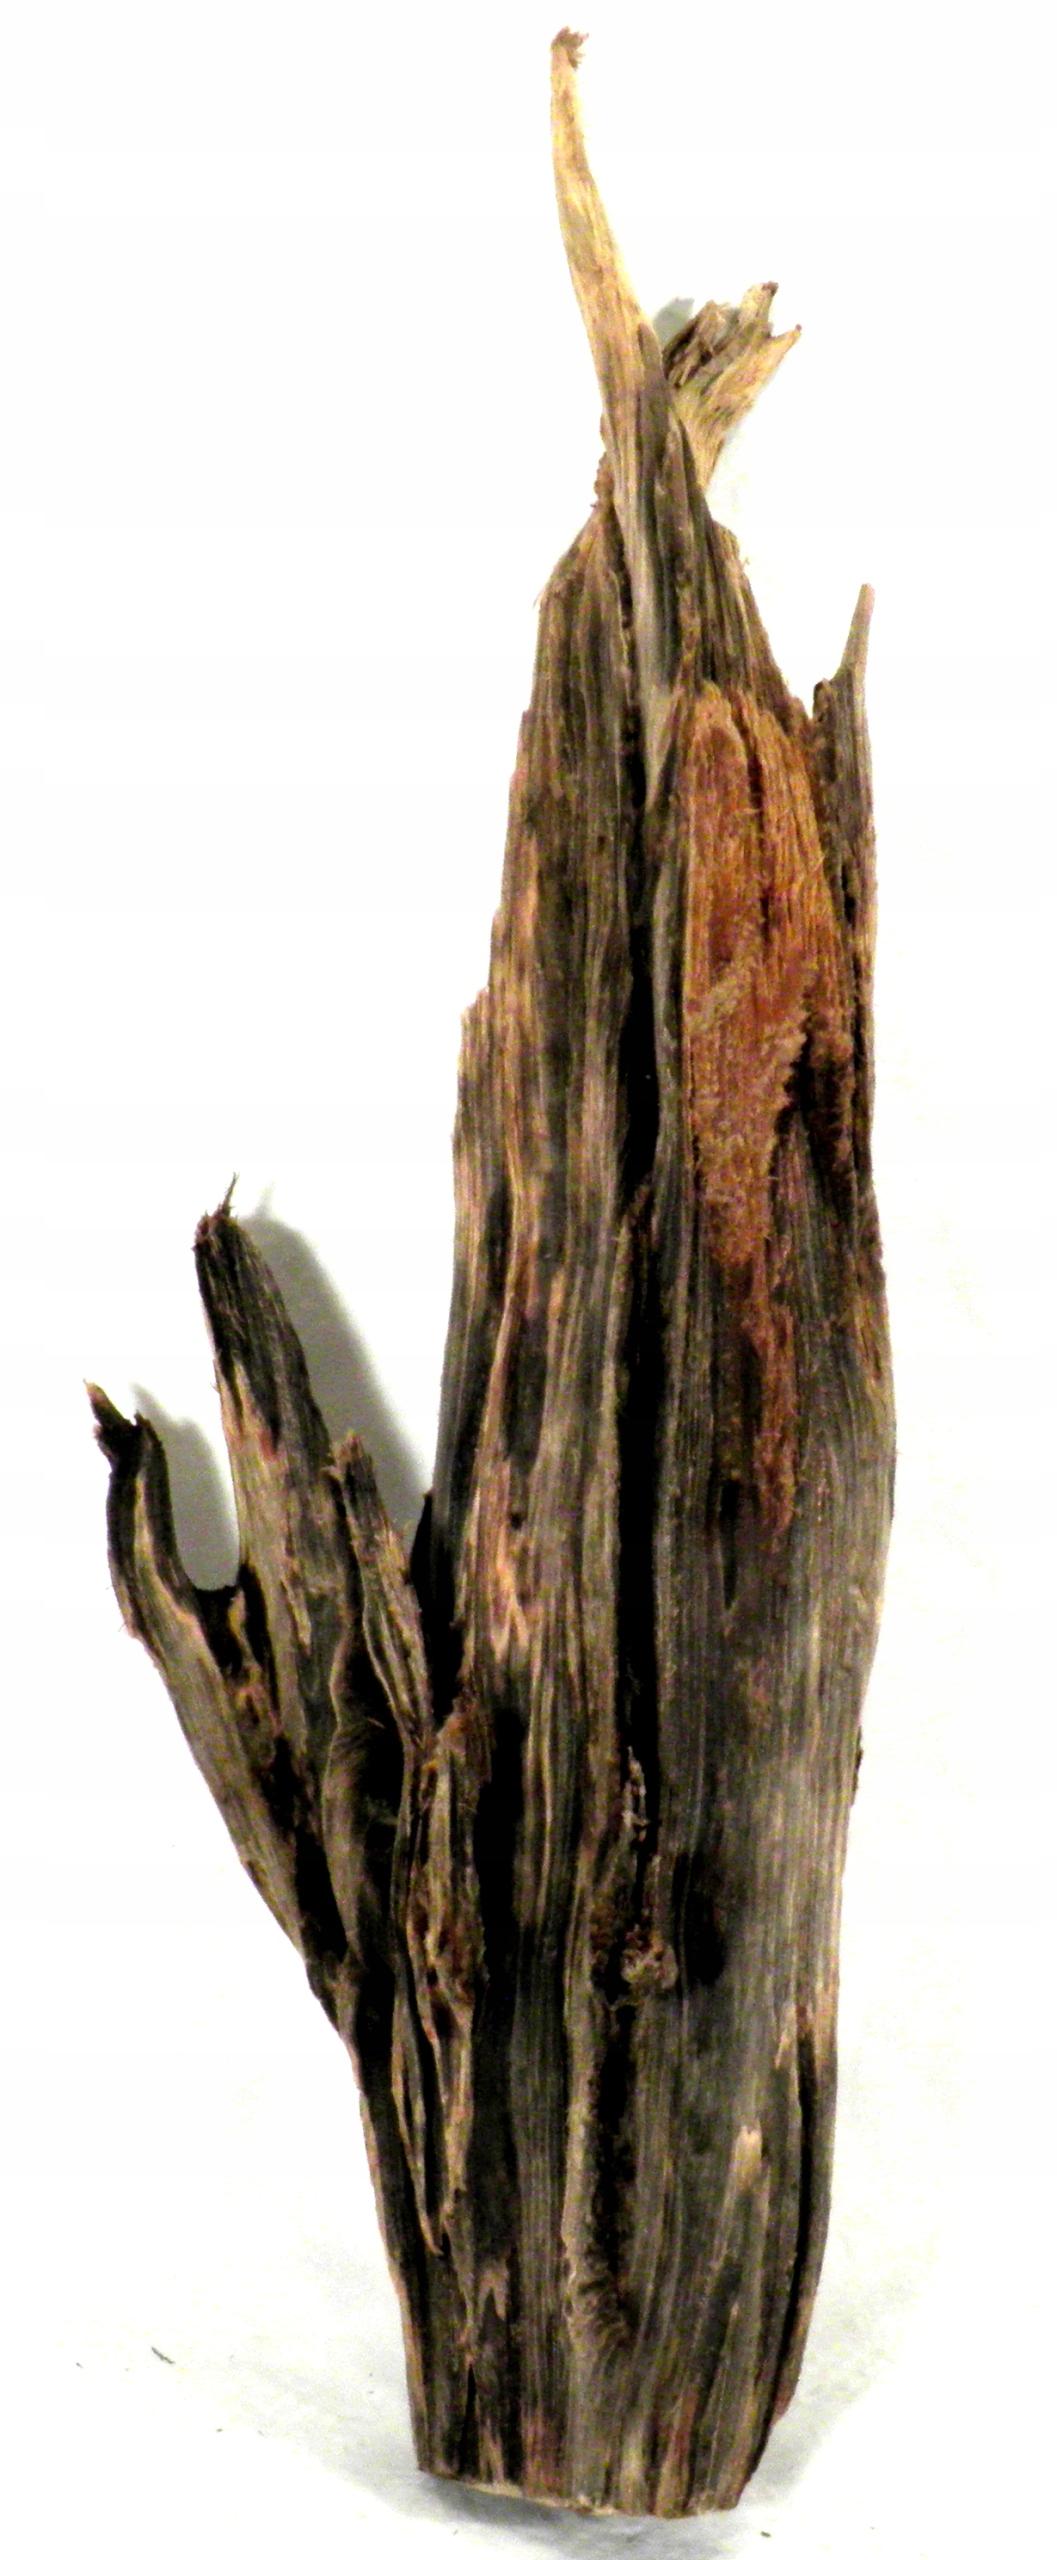 KOREŇ AKVÁRIUM 688ES 20/9/58 GURAMI1 prírody